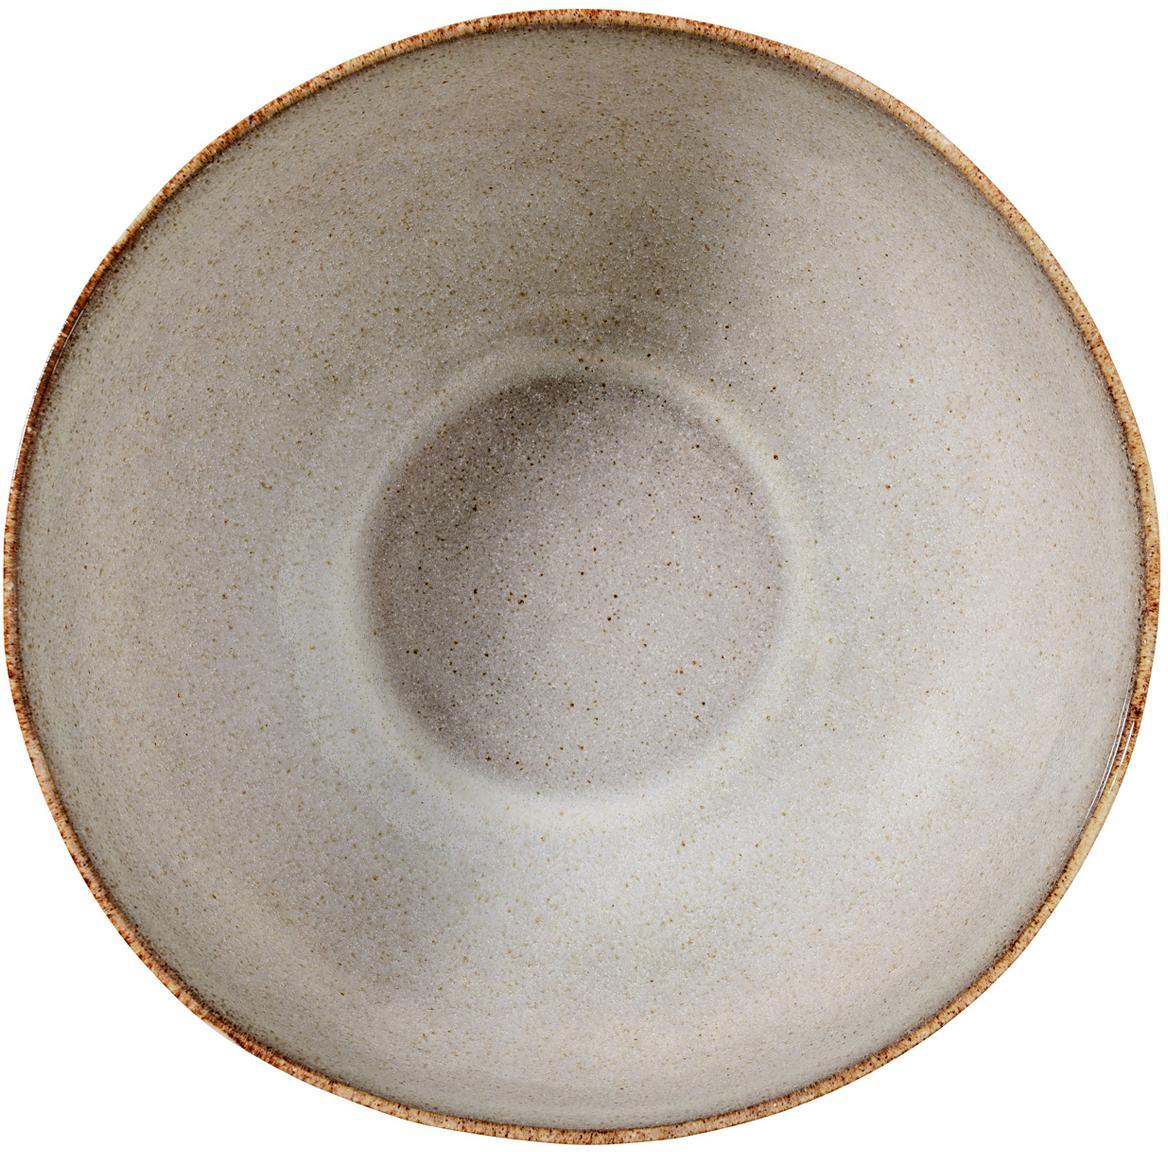 Handgemachte Schälchen Sandrine in Beige, 6 Stück, Steingut, Beigetöne, Ø 15 x H 8 cm